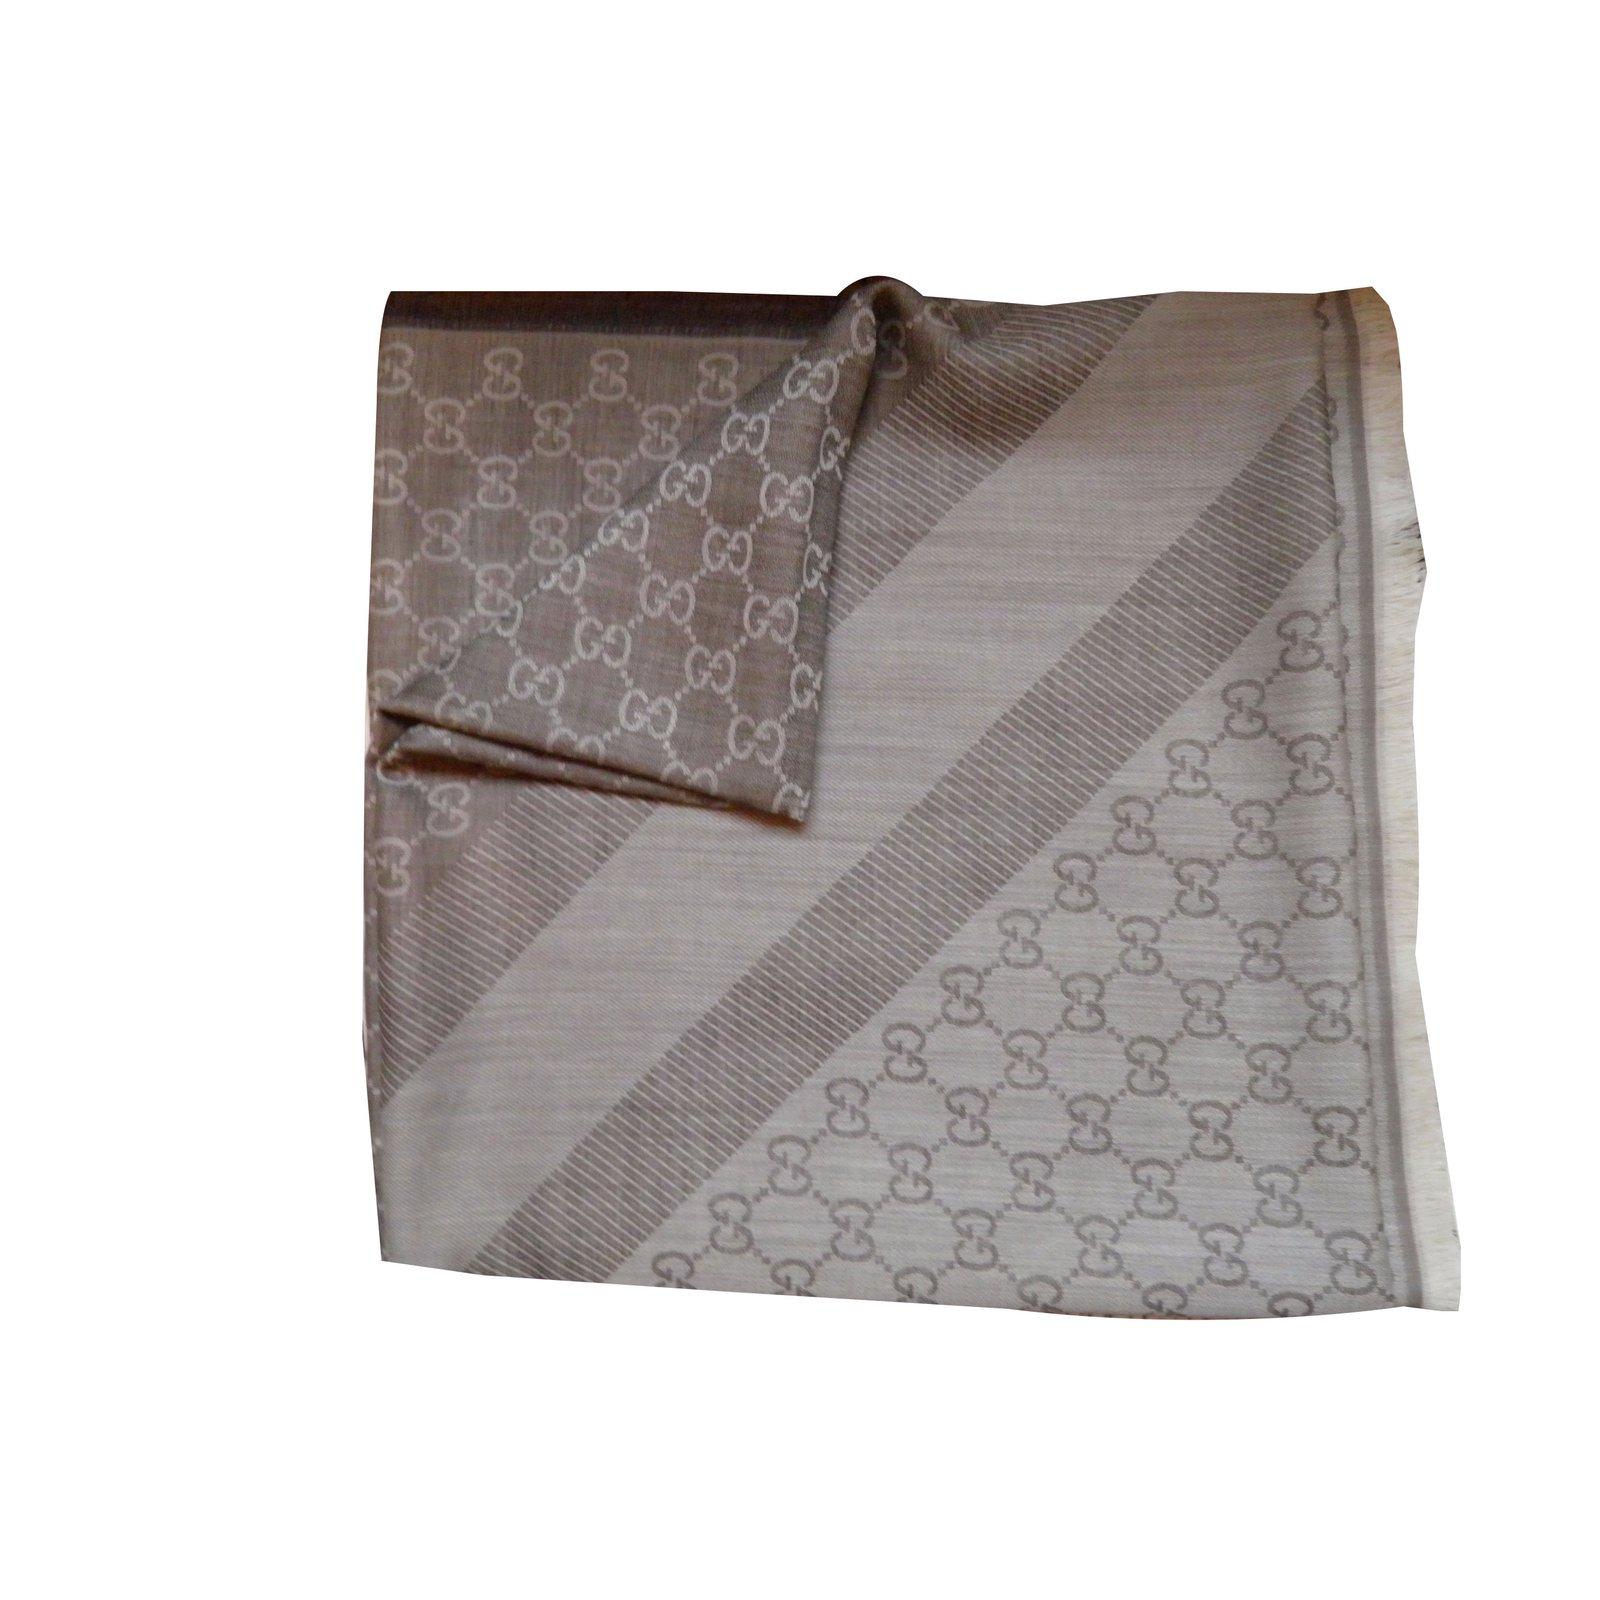 marques reconnues liquidation à chaud comment commander Foulards Gucci etole Autre Beige ref.54115 - Joli Closet